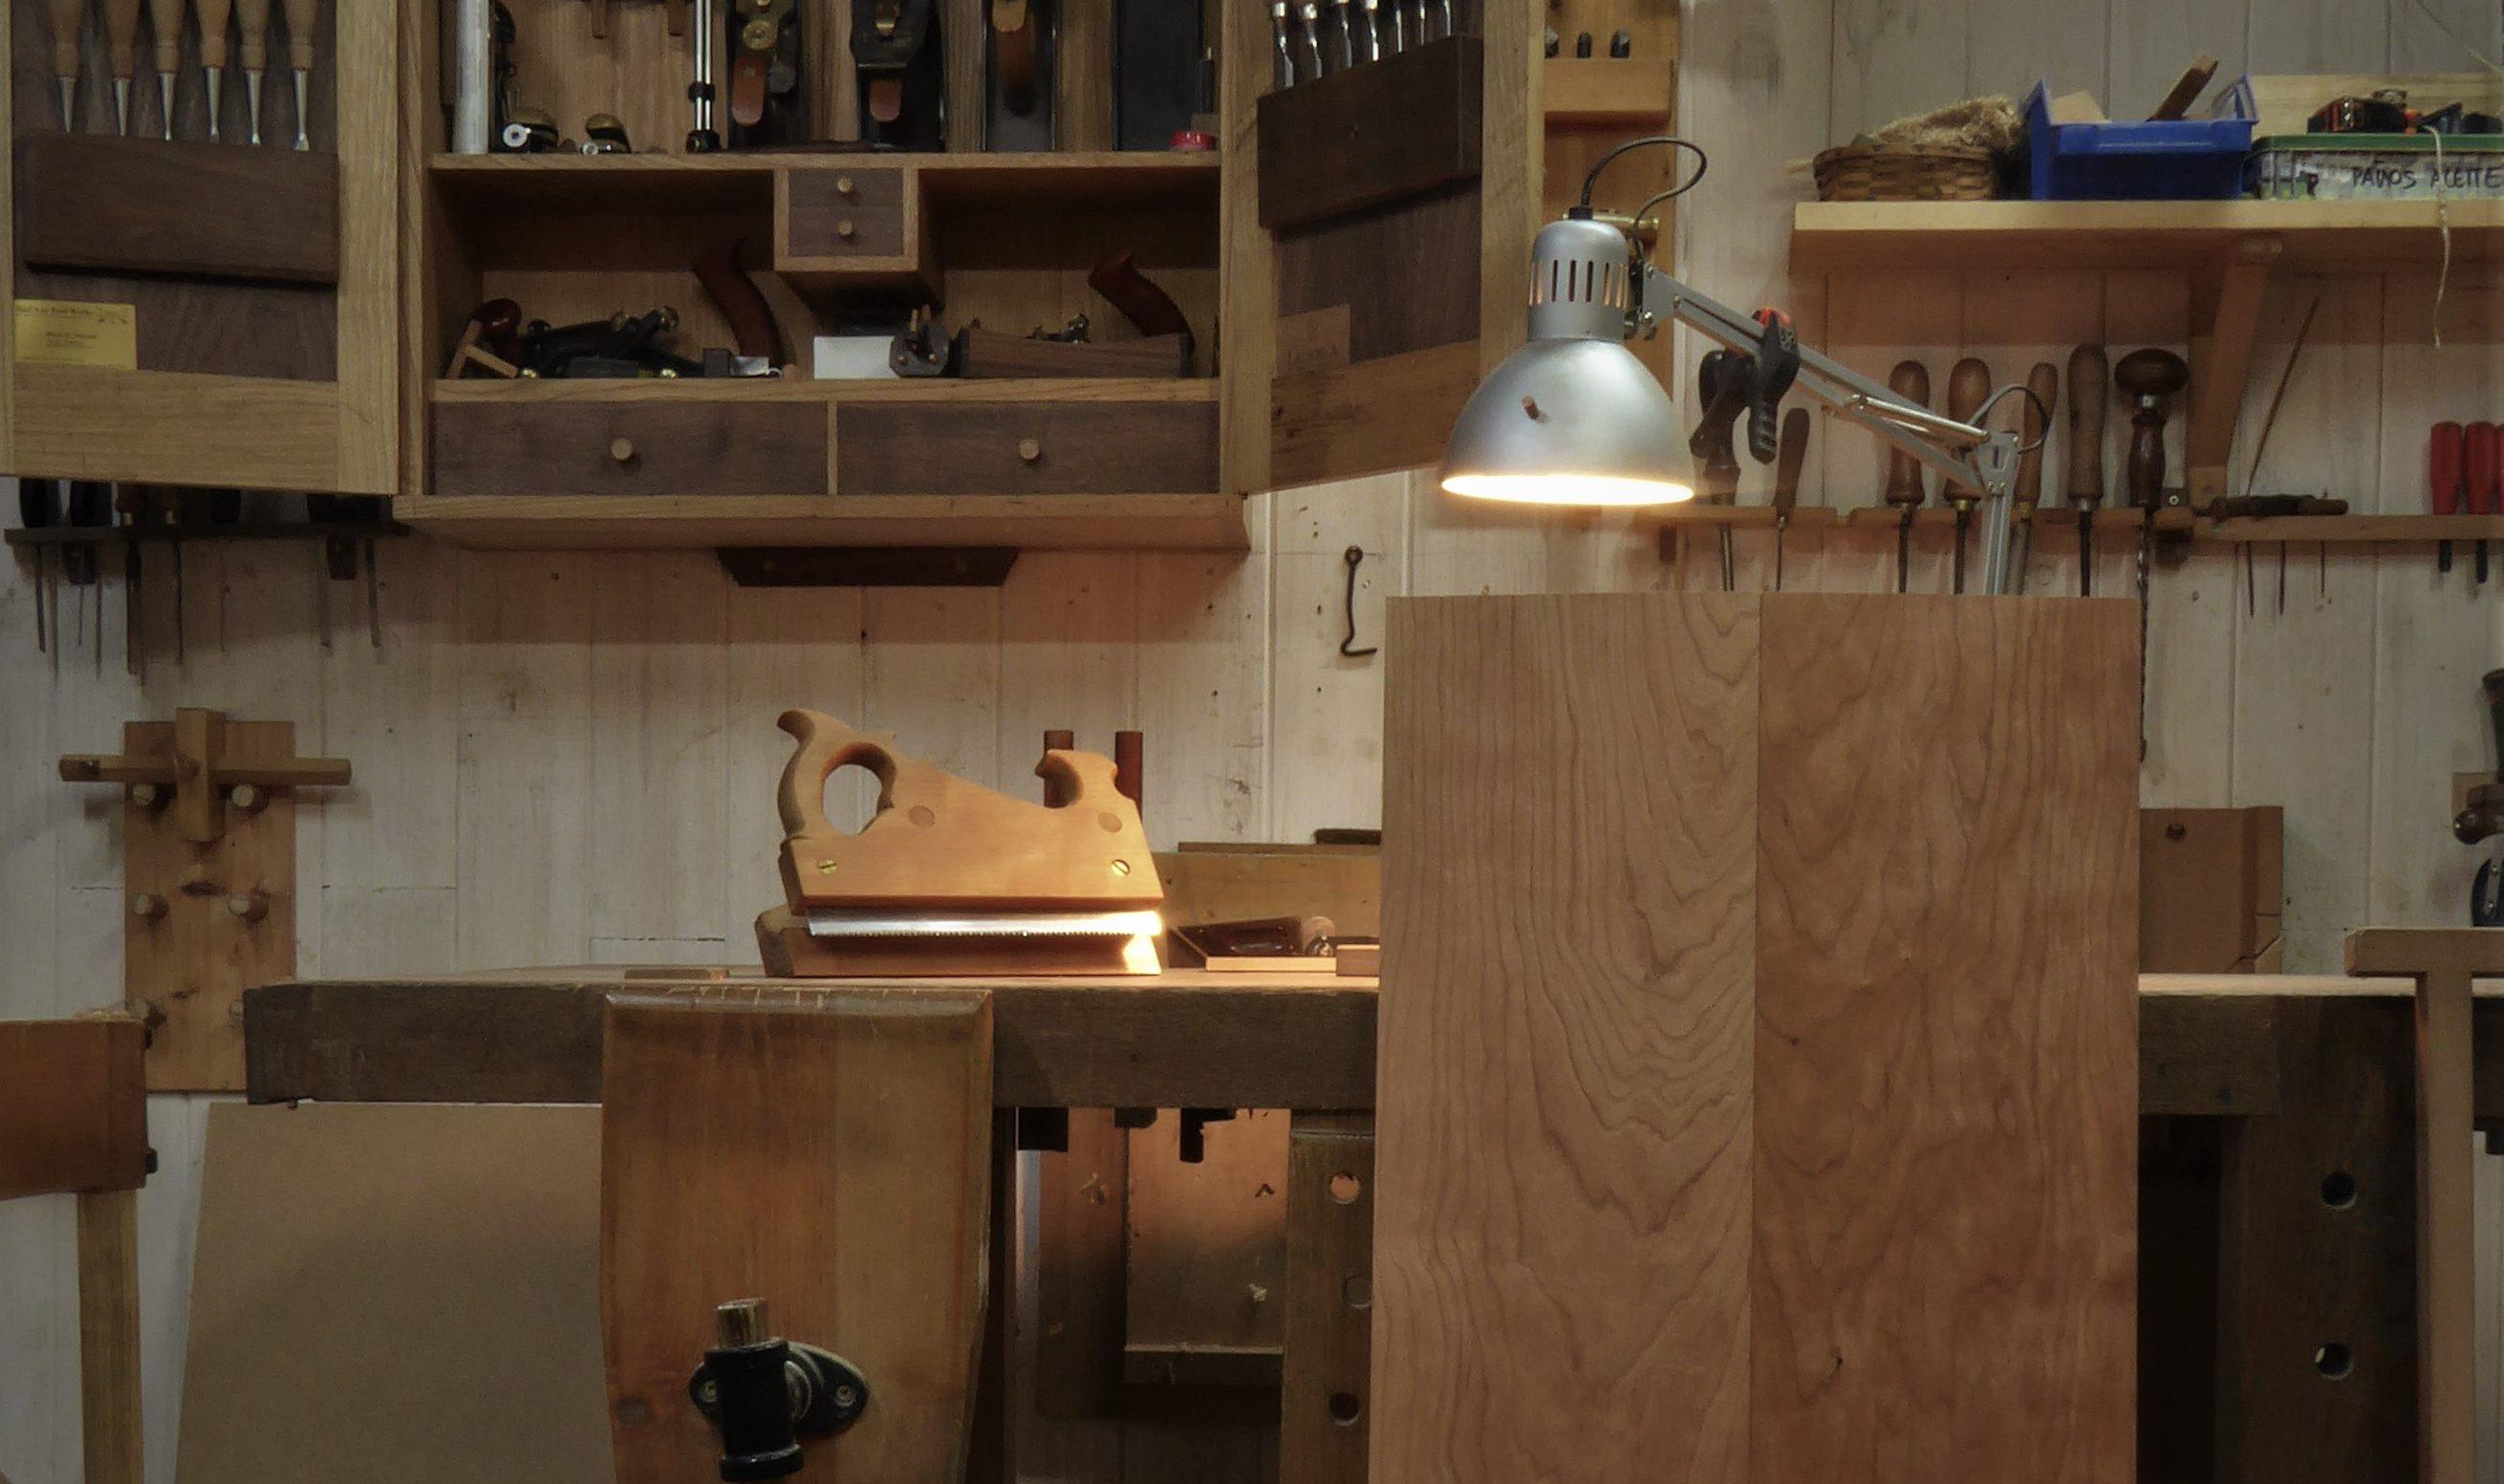 Lacabra En La Escalera Ebanister A Con Herramientas Manuales # Muebles Mundo Box